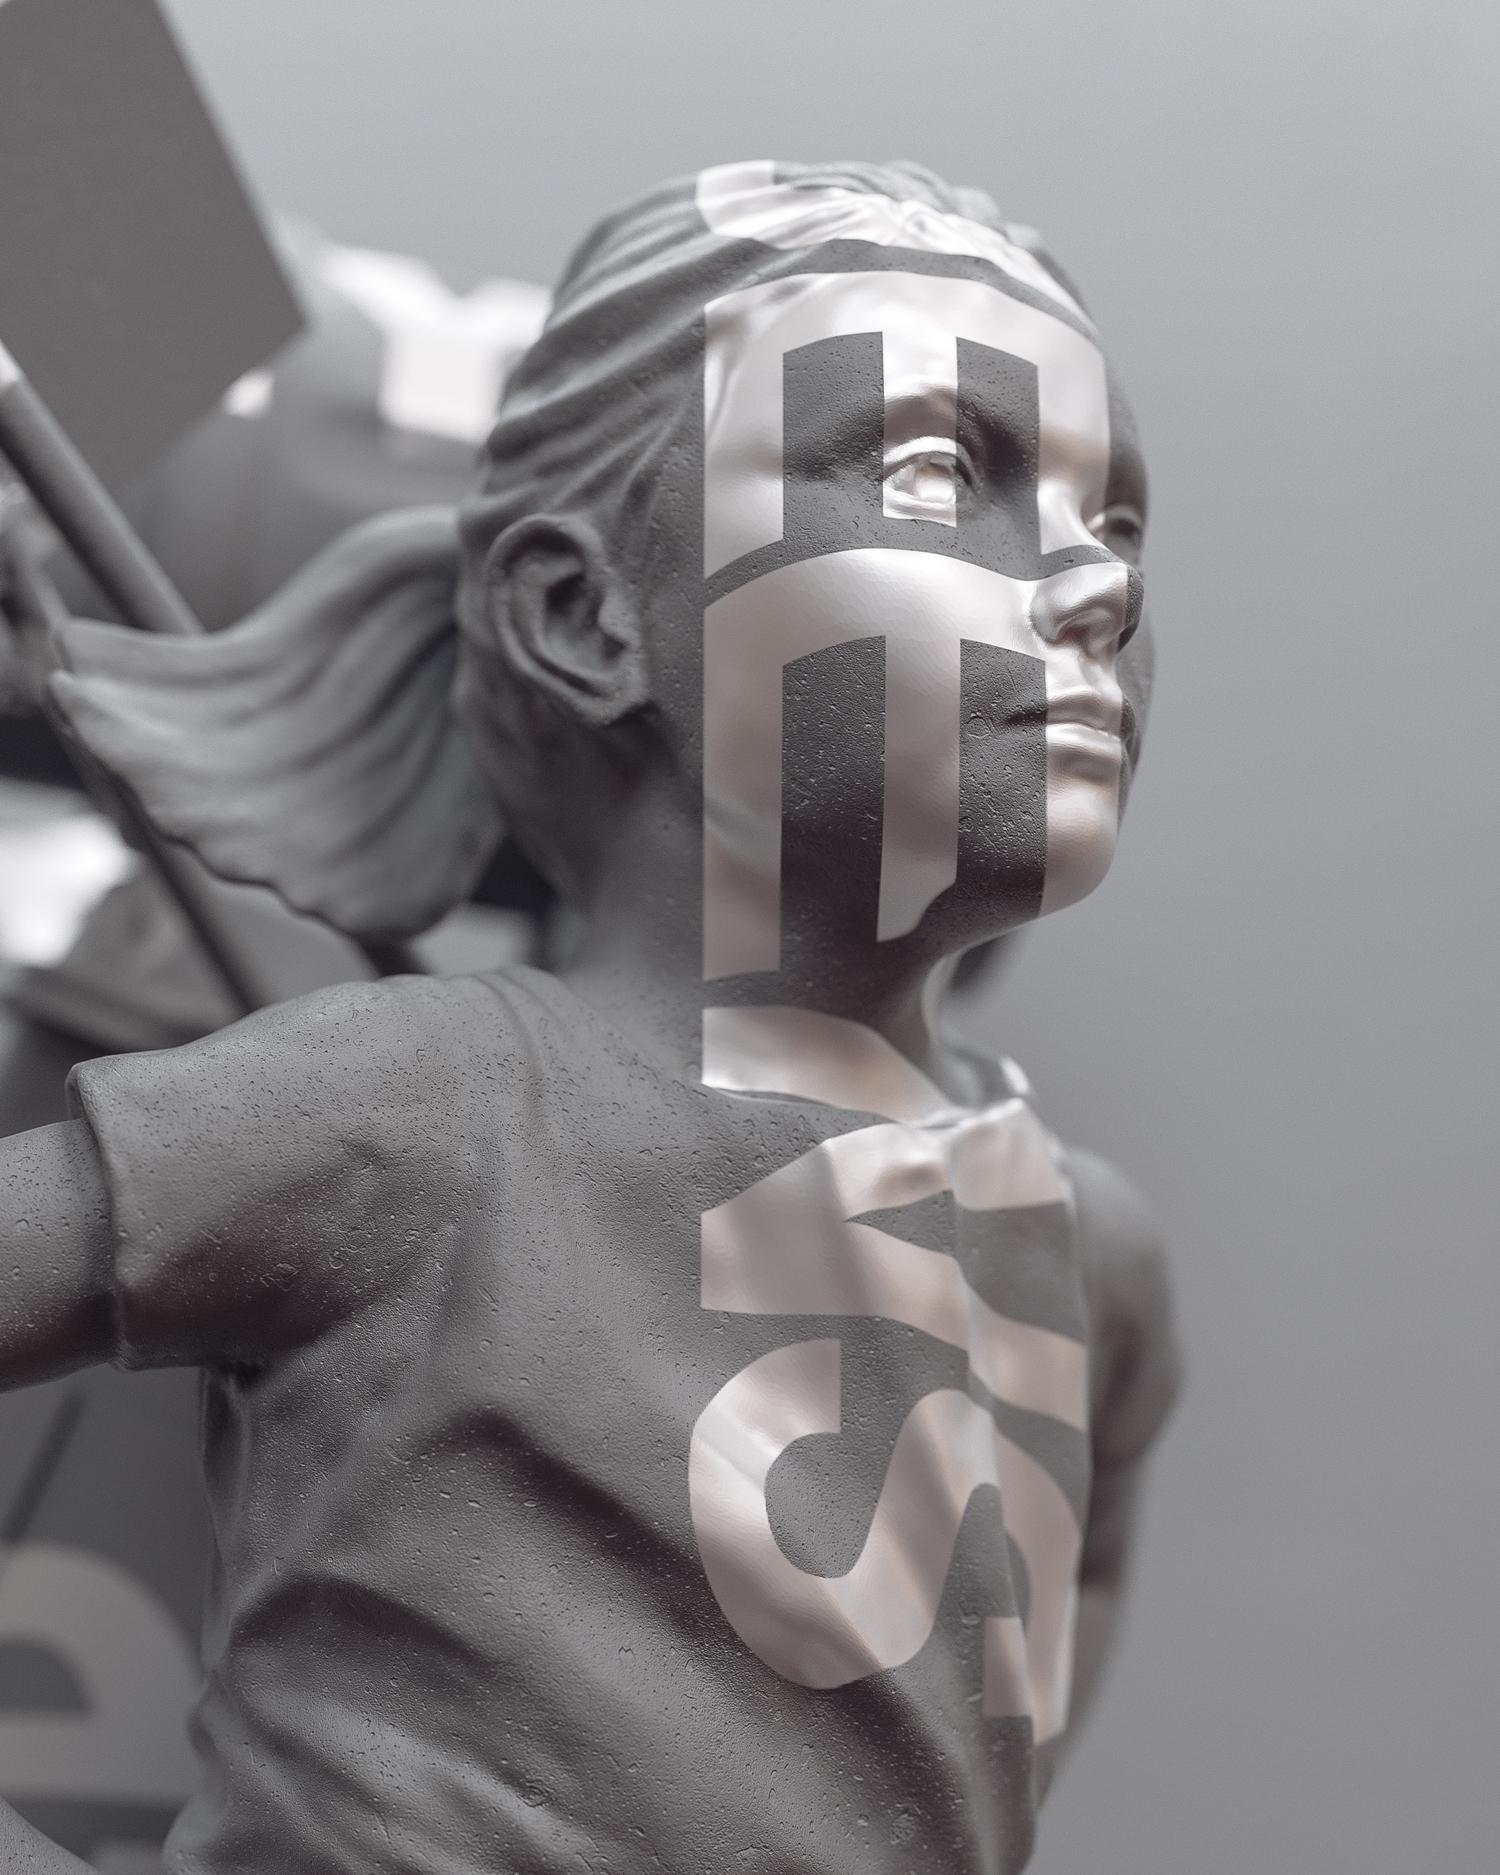 AnamorphicSculptures_NewYork_Ben-Fearnley-DOF-01.jpg